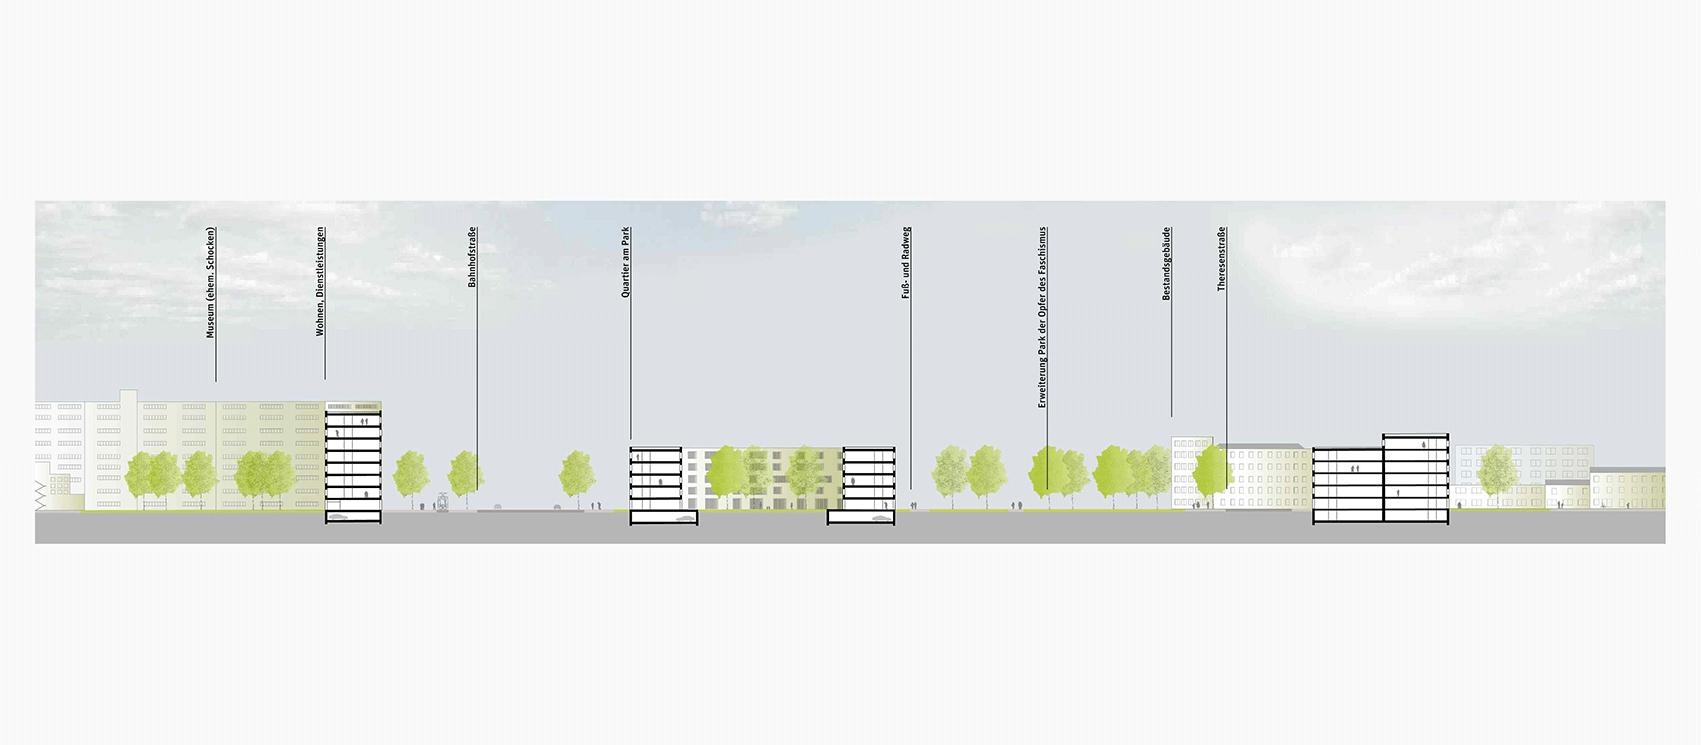 Ergebnis: Weiterentwicklung der Innenstadt im Umfeld...competitionline